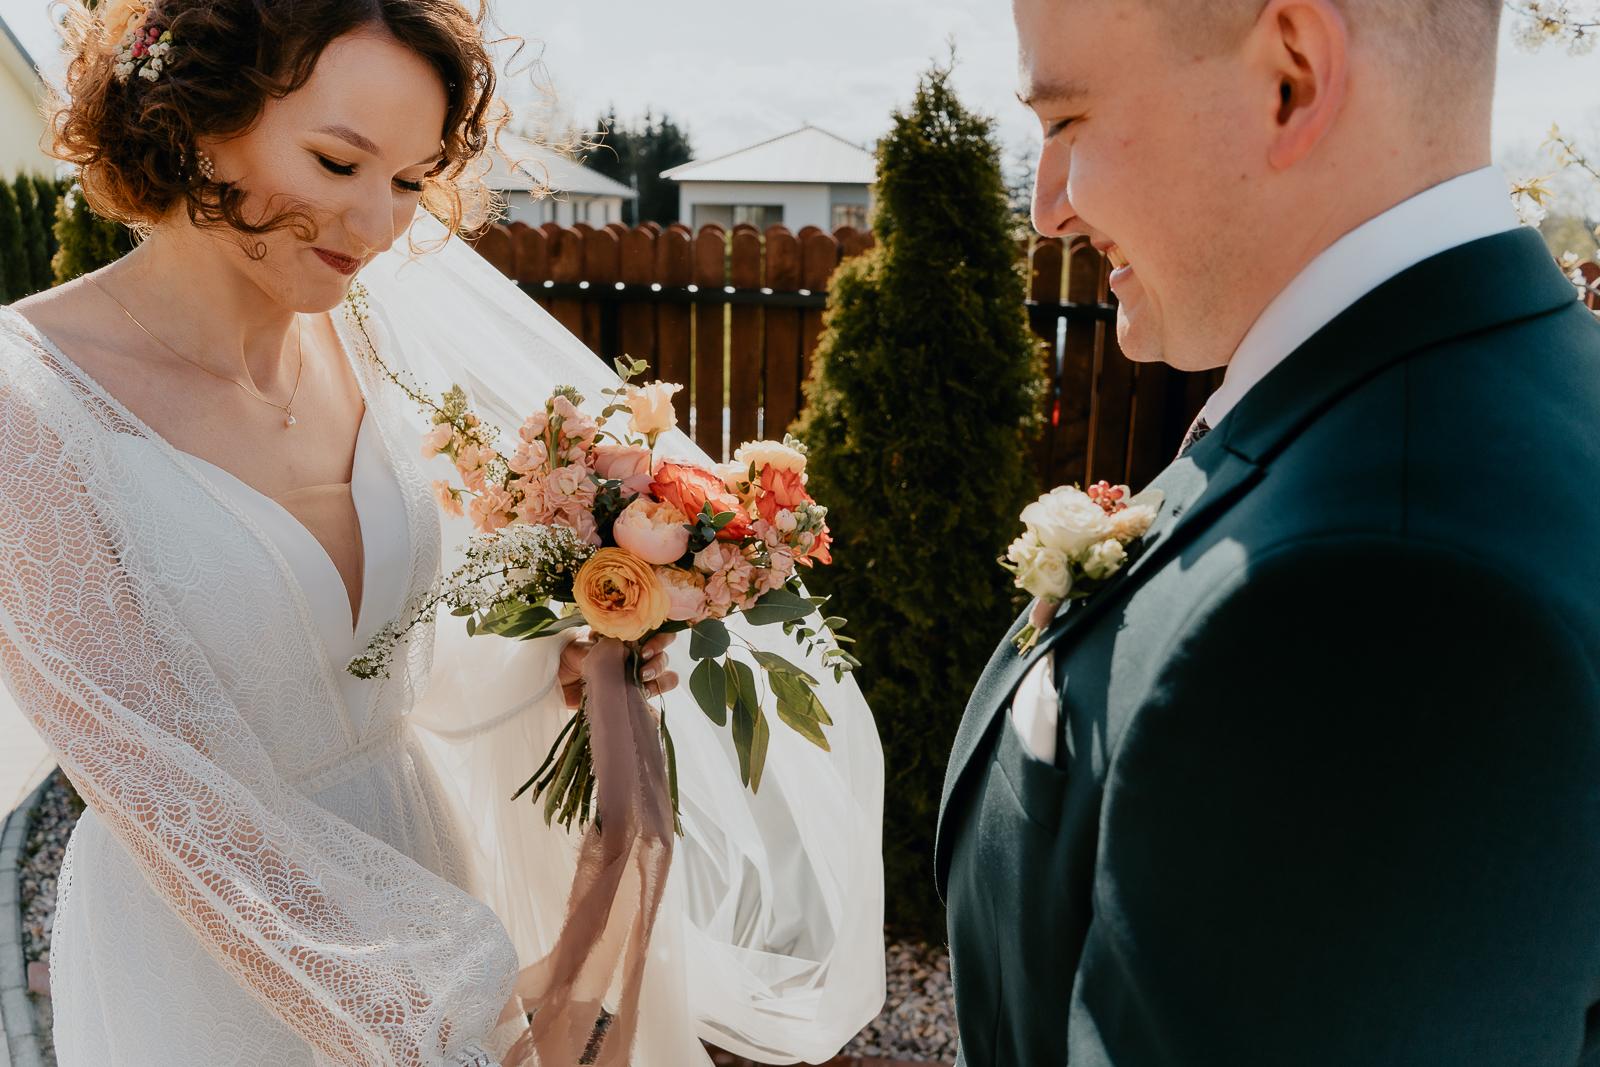 powitanie pary młodej Piotr czyzewski fotograf Legionowo